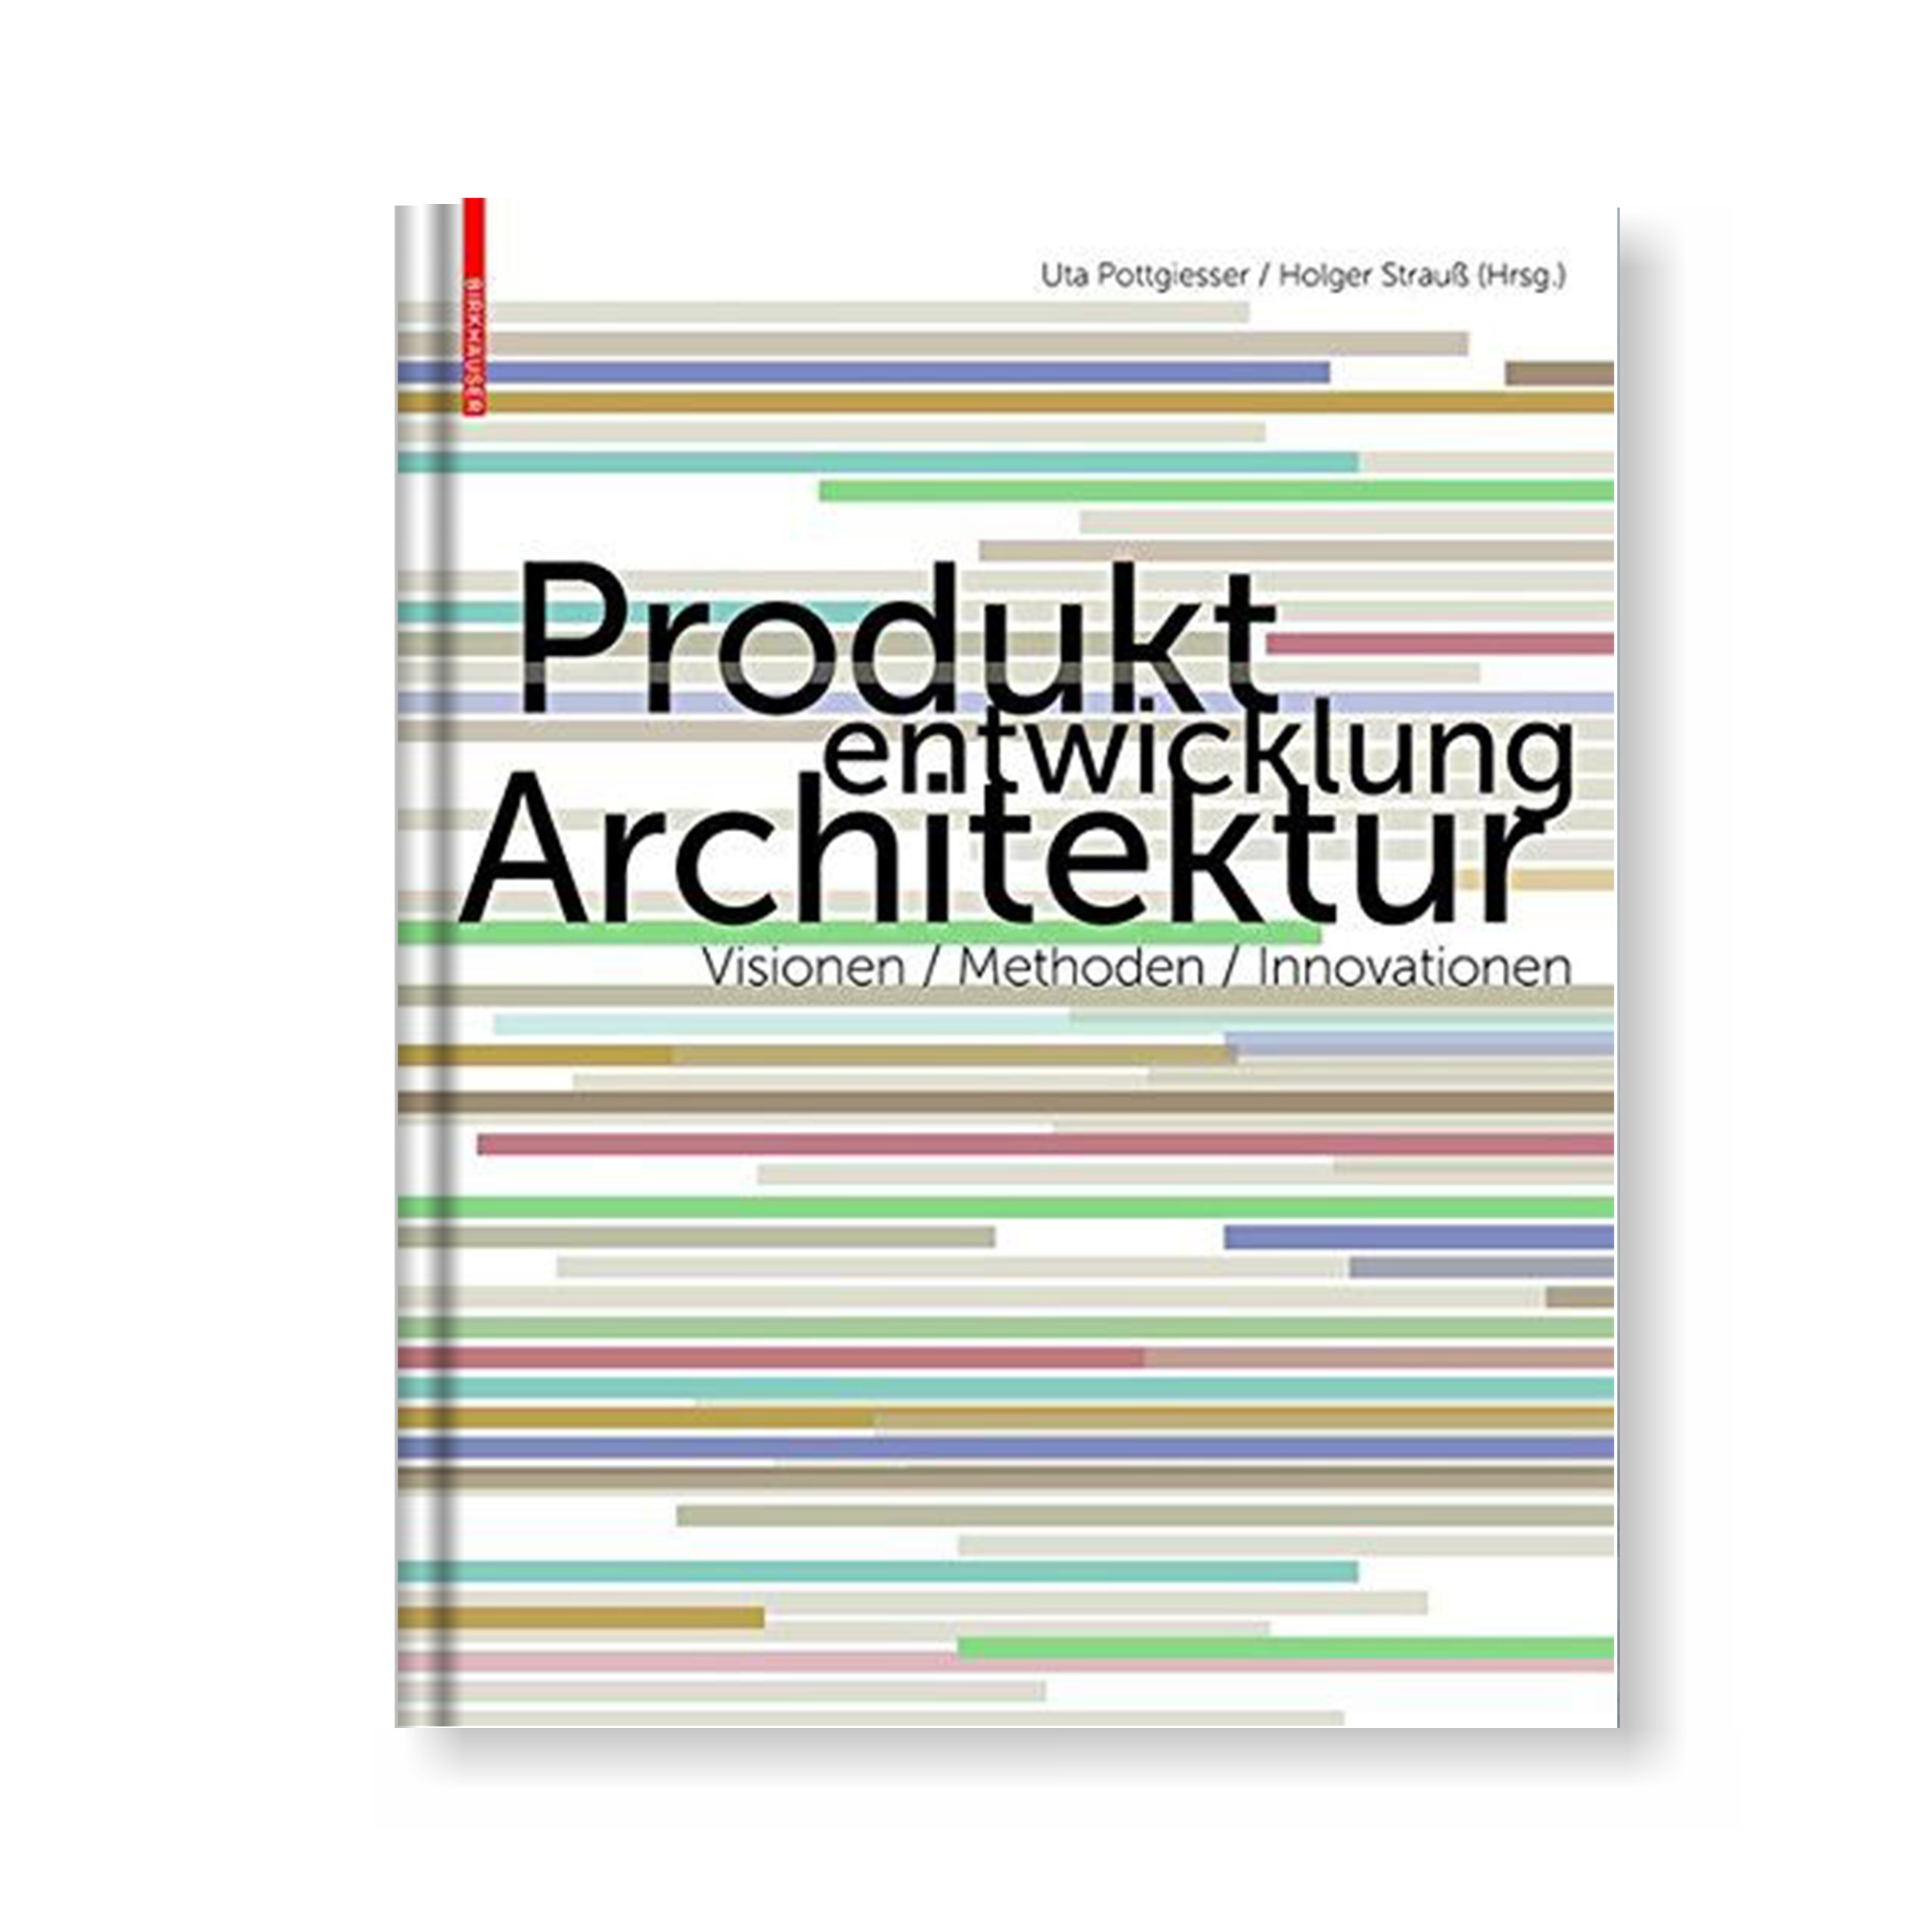 Produktentwicklung Architektur – Visionen, Methoden, Innovationen